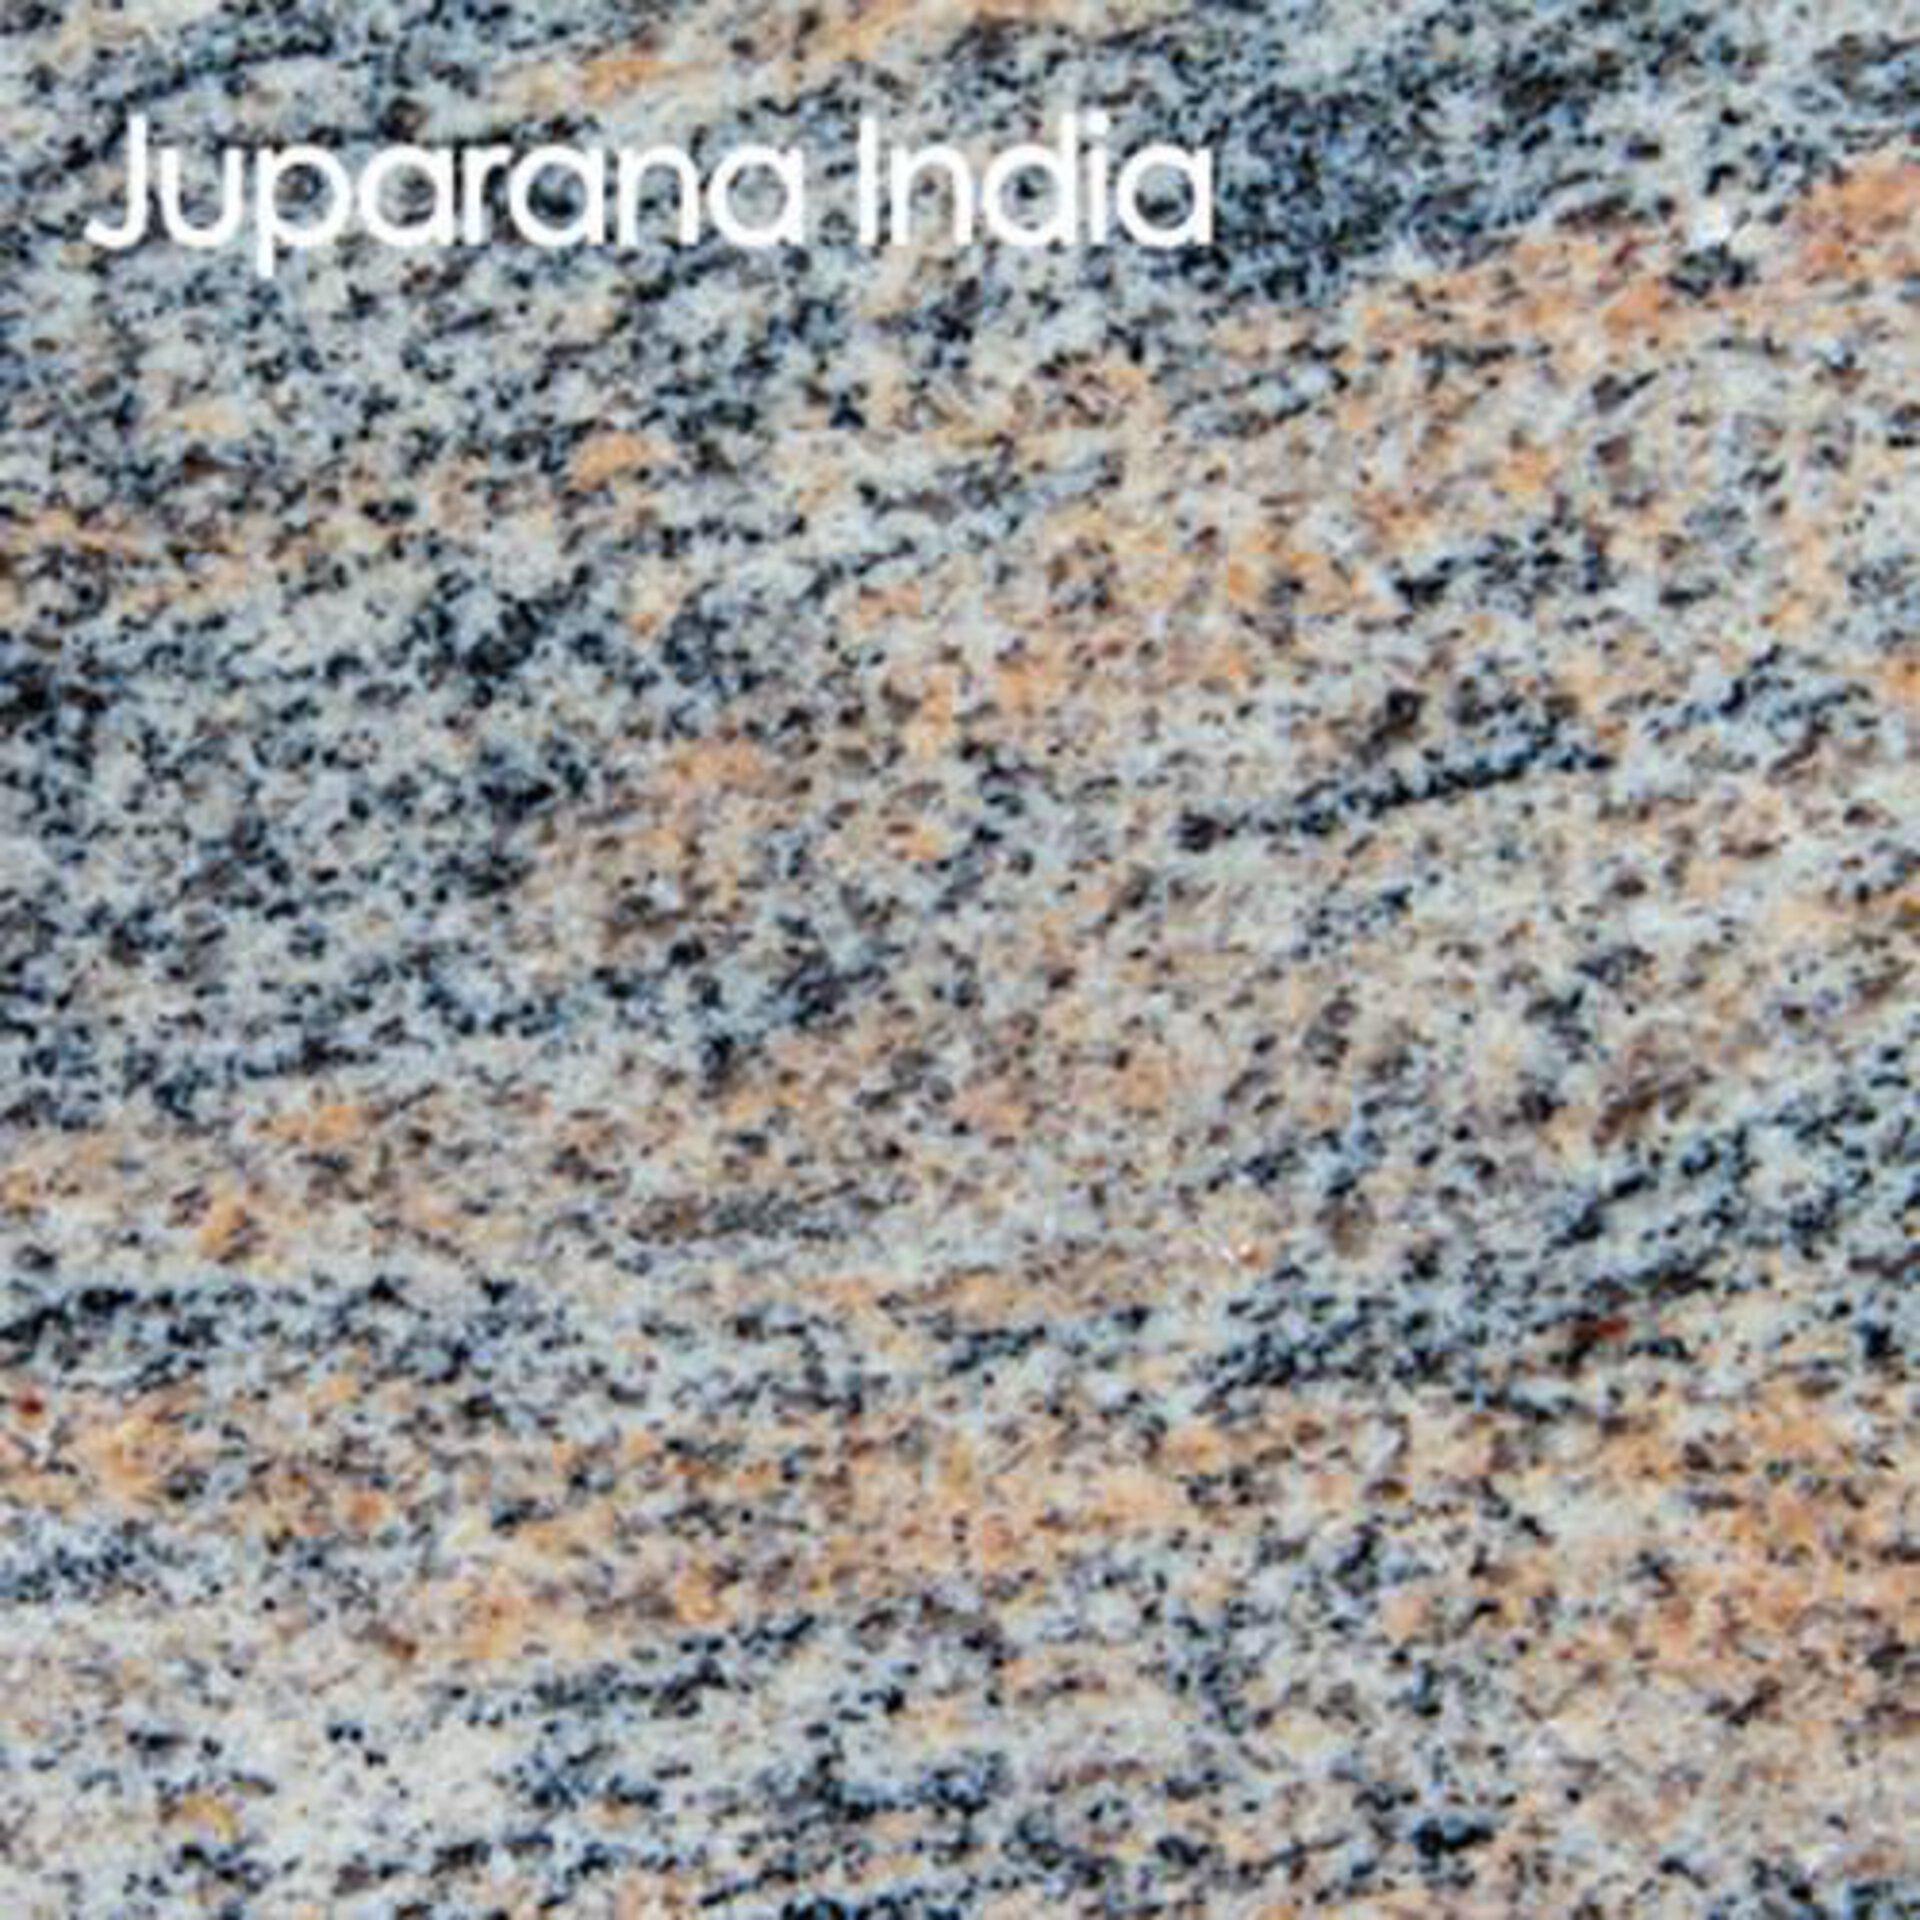 Arbeitsplatte aus Naturstein in der Ausführung Juparano India.